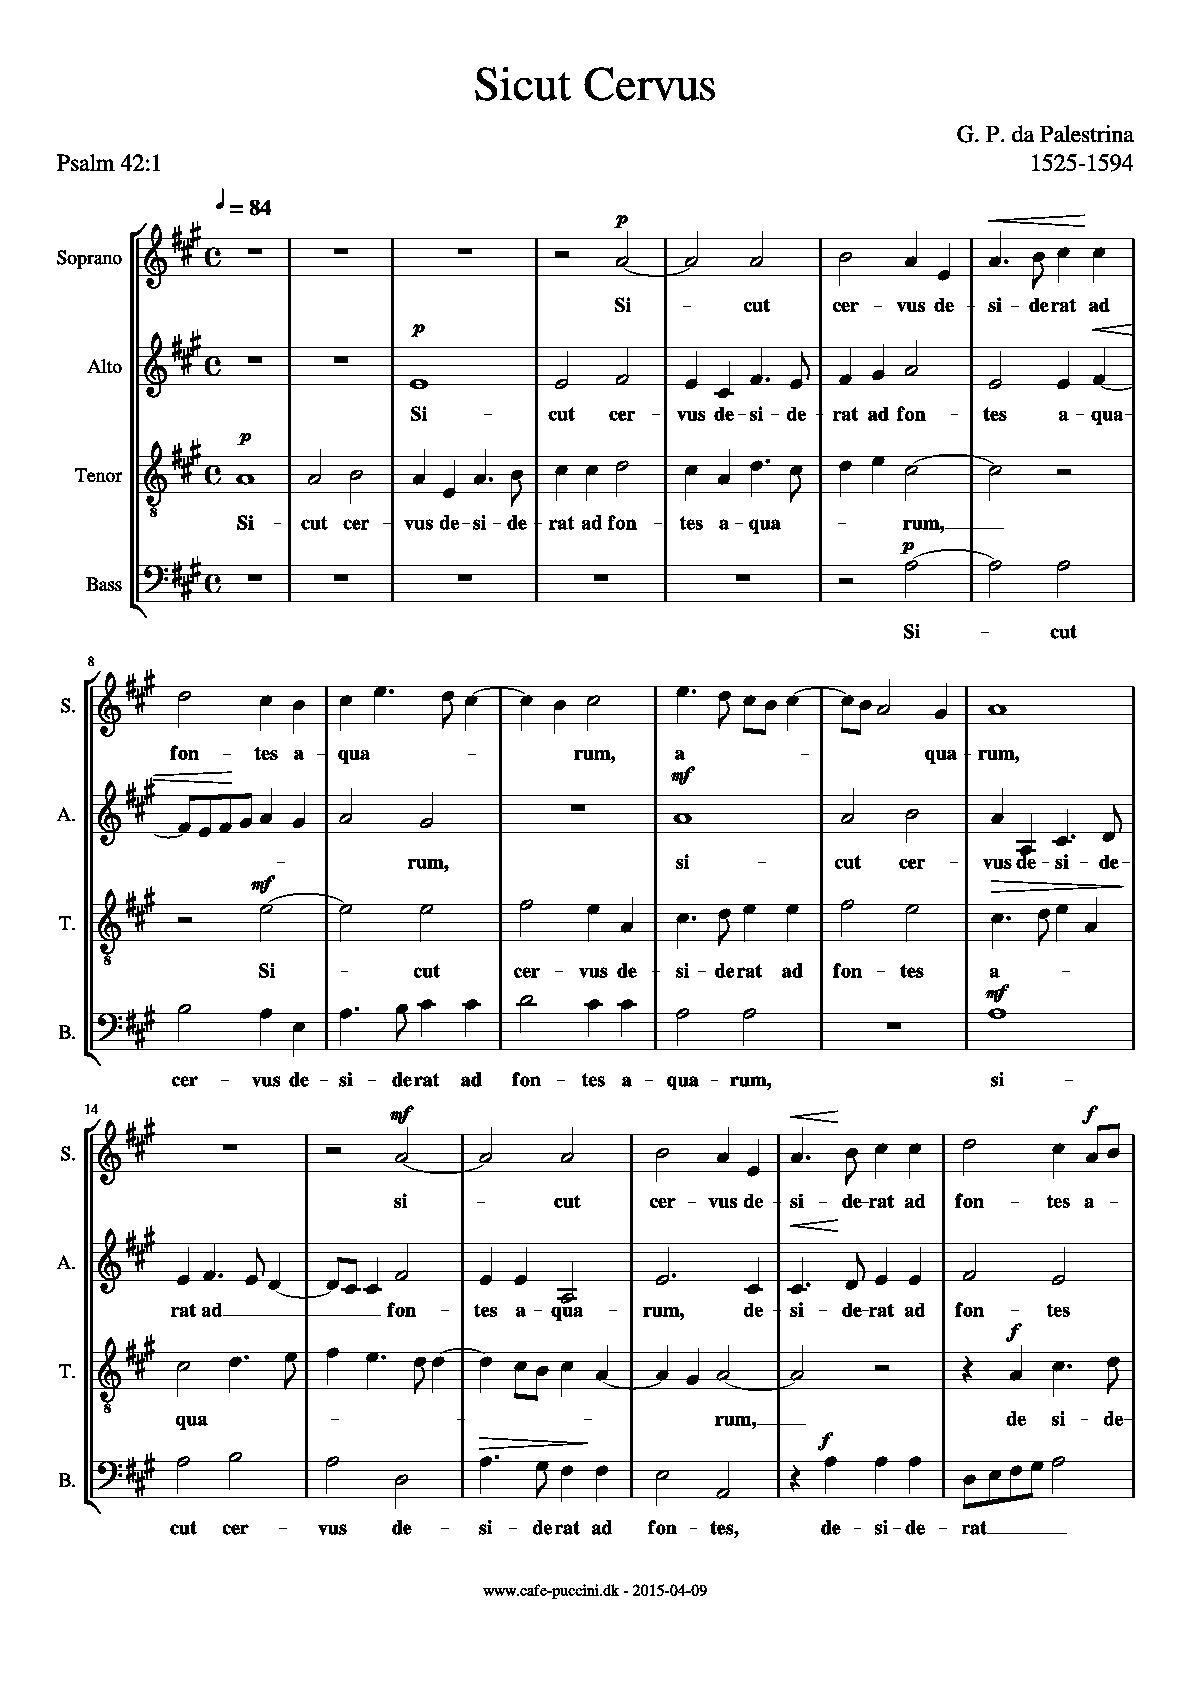 sicut cervus Palestrina sicut cervus (motet) midi file for recorder quartet (midi) - 8notescom.